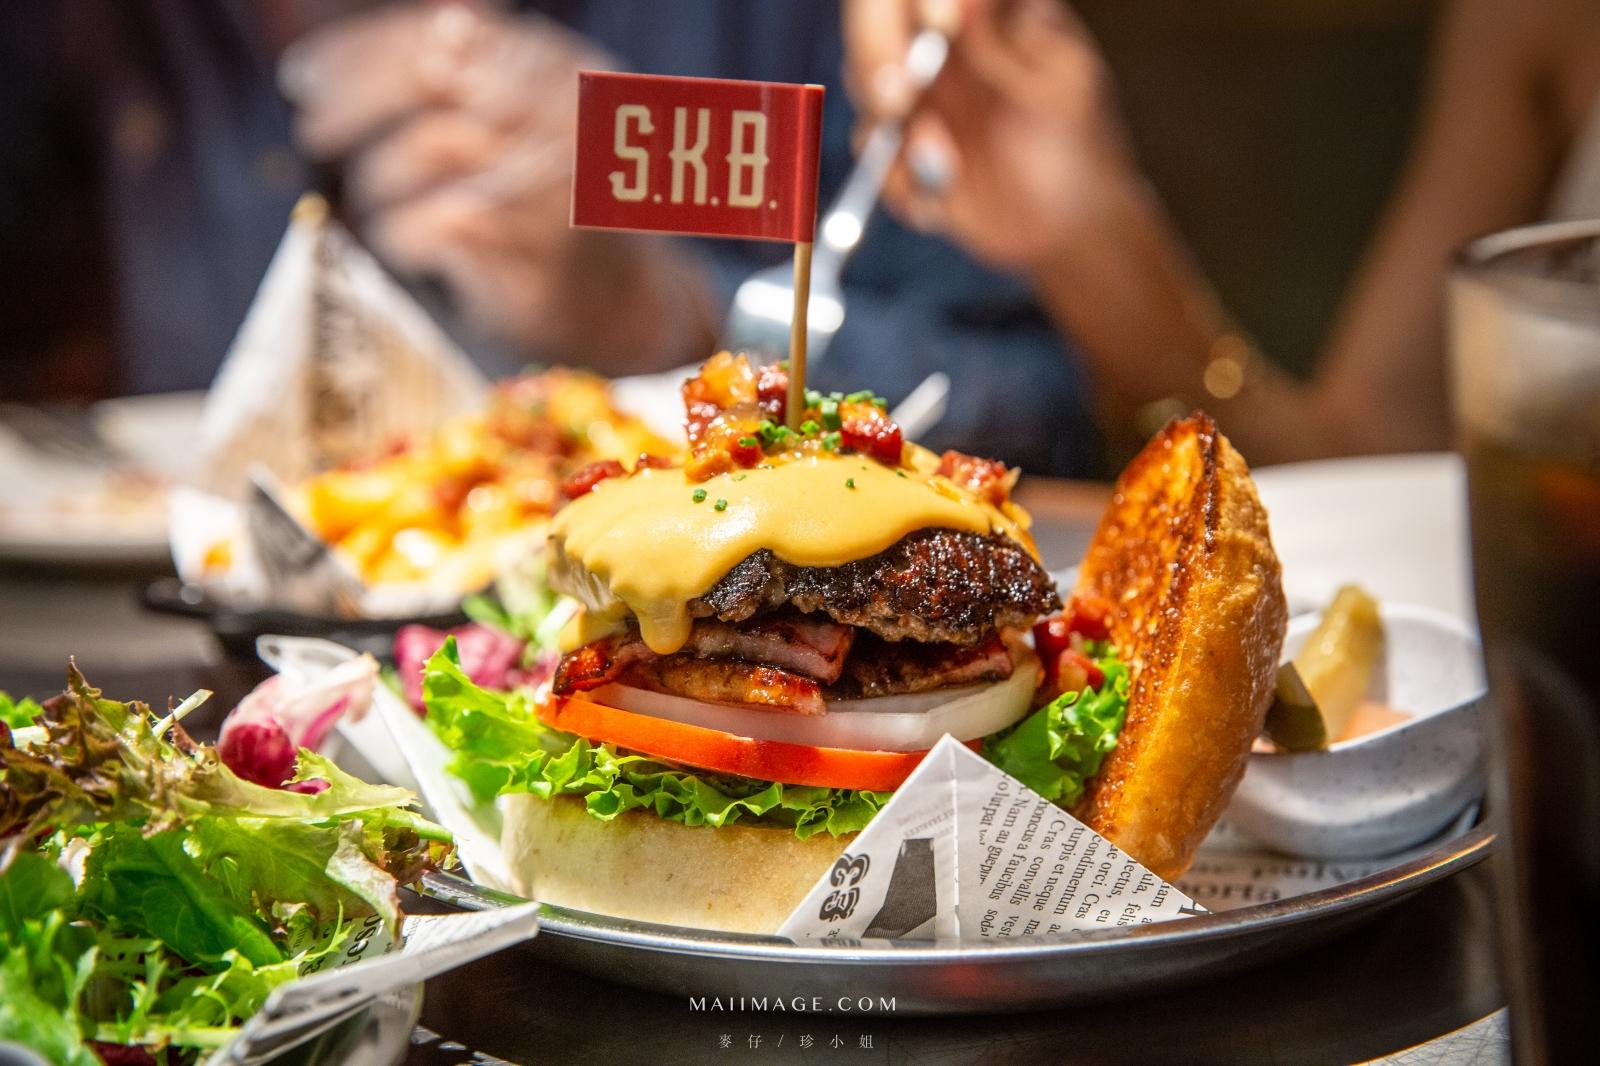 GOOGLE評價4.7顆星,整塊Choice等級牛小排製作的手打漢堡肉試過嗎?直球對決的美式漢堡就是要肉多熱量破表。燻牛蓋棉被、辣個雞翅必點|放縱新美式漢堡S.K.B Burger|台北大安